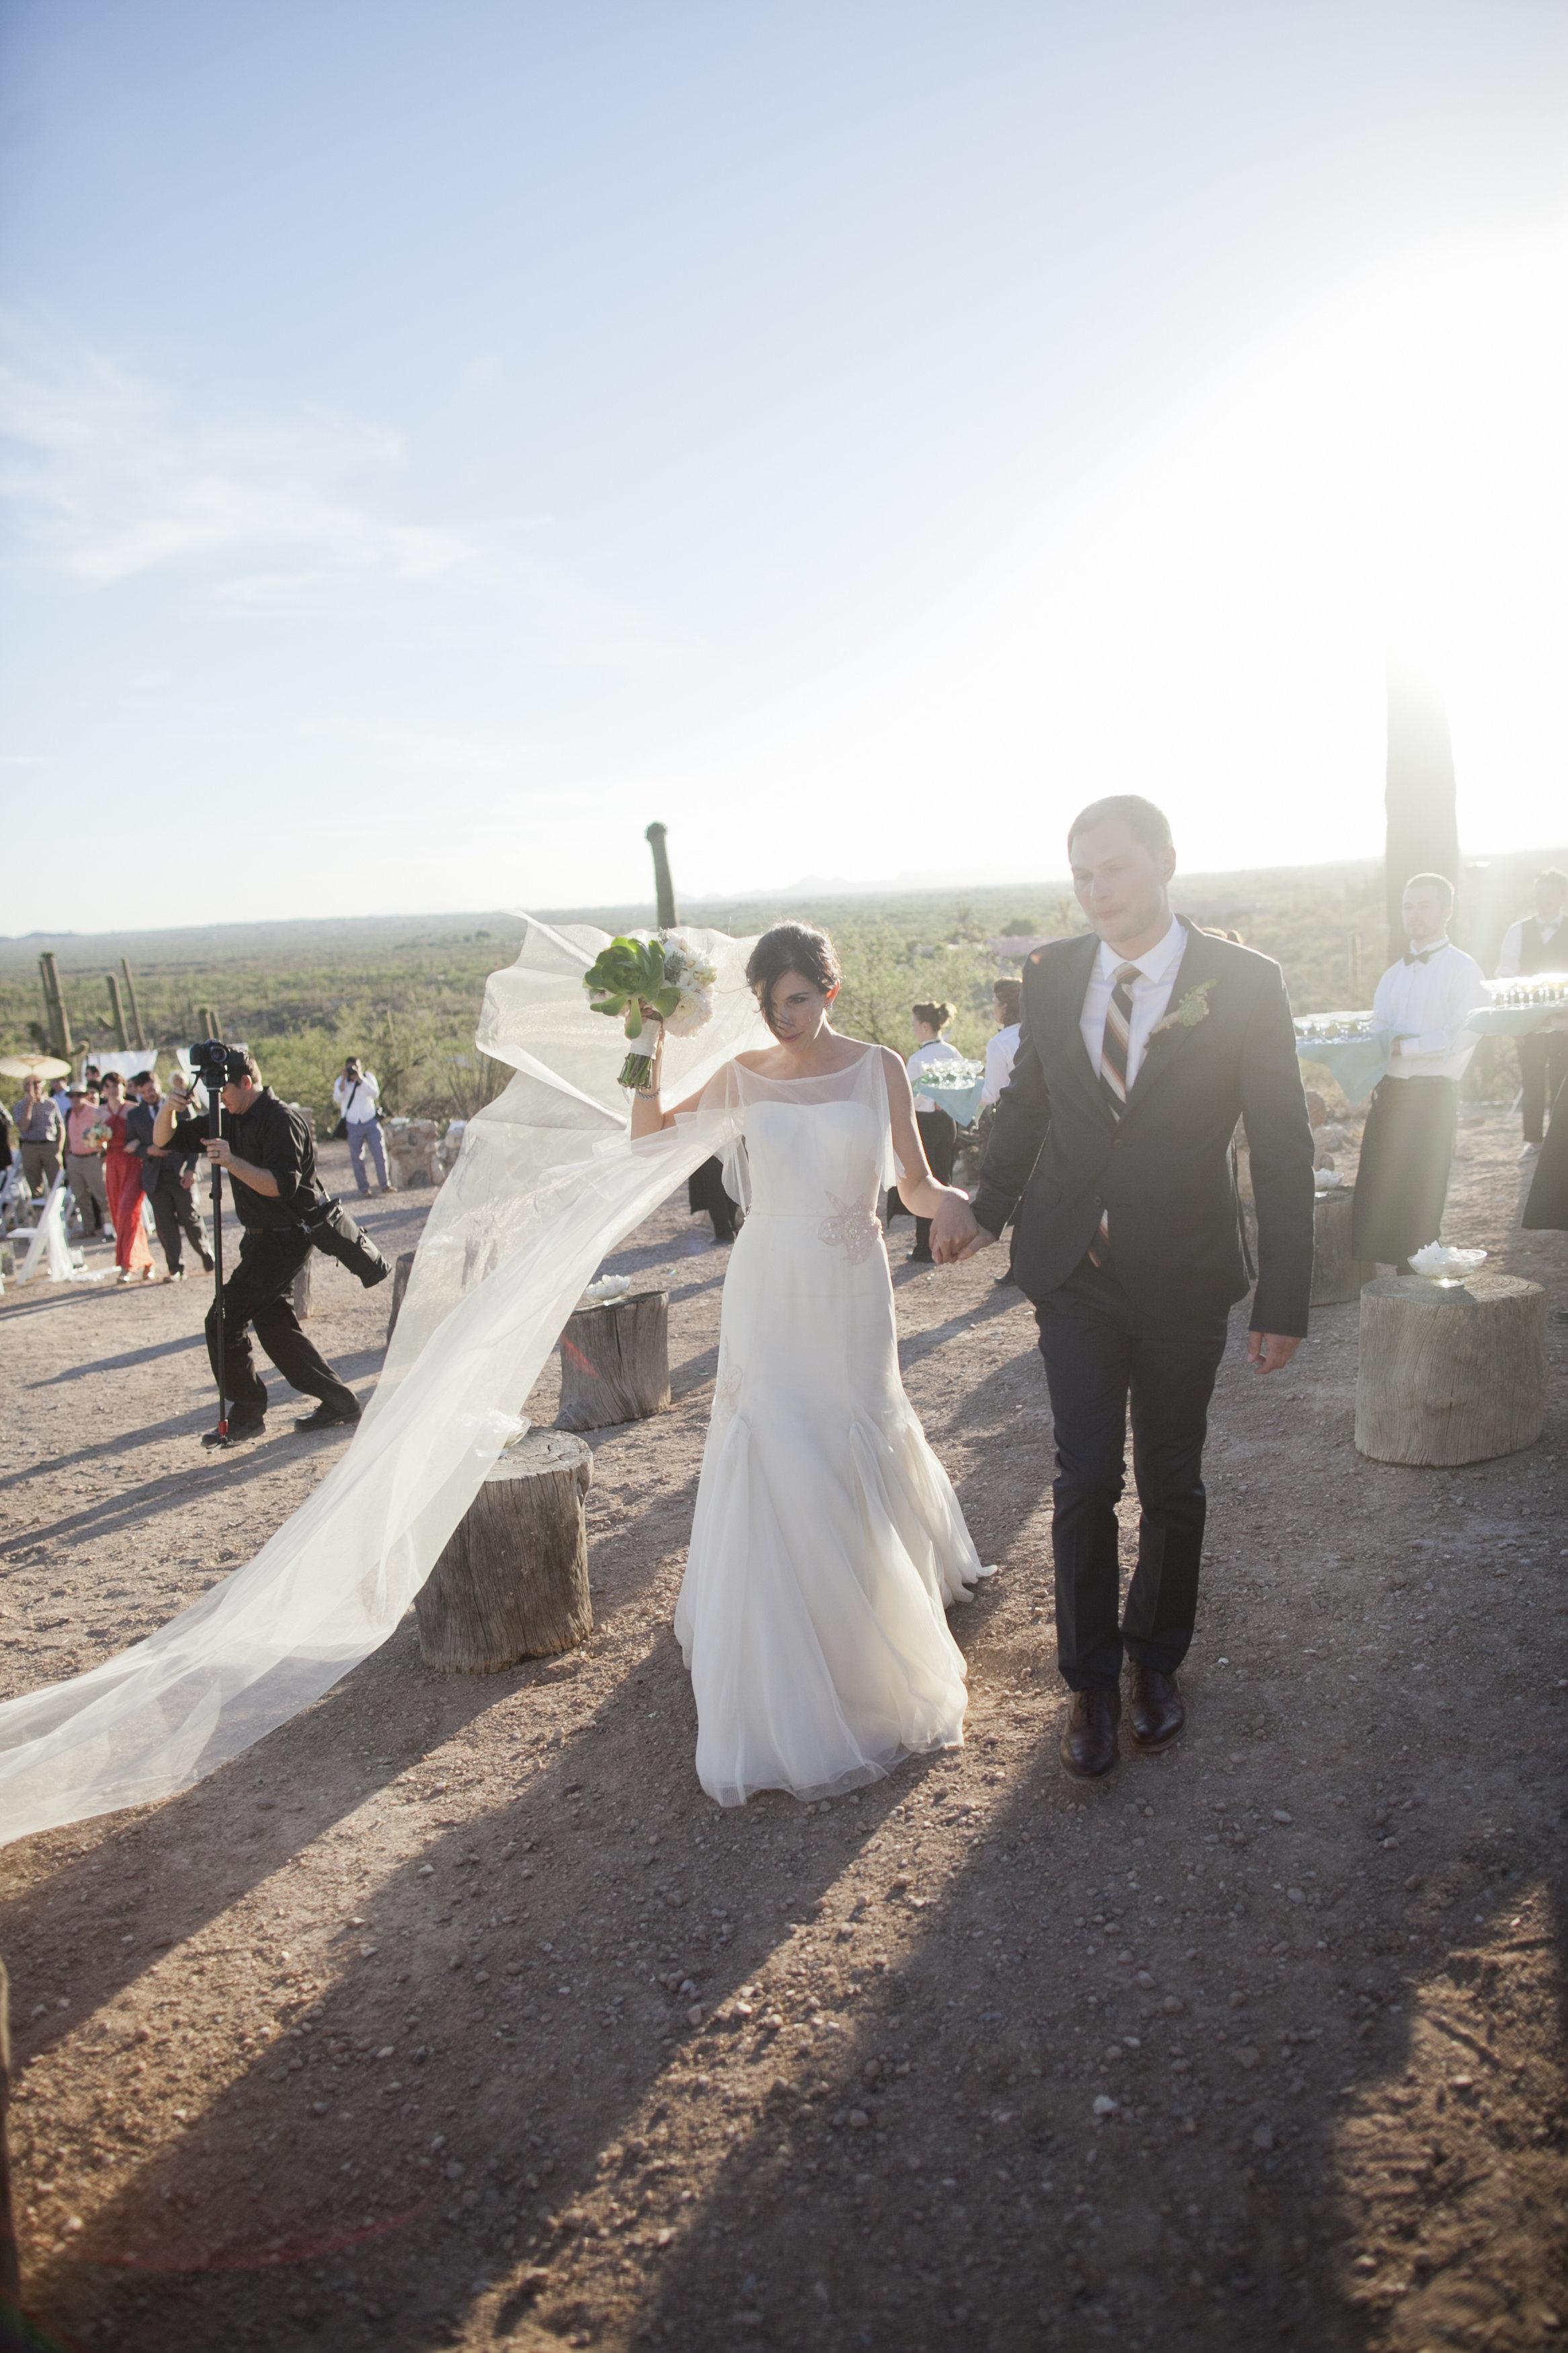 Ceci_New_York_Ceci_Style_Ceci_Johnson_Luxury_Lifestyle_Arizona_Wedding_Watercolor_Inspiration_Design_Custom_Couture_Personalized_Invitations_134.jpg